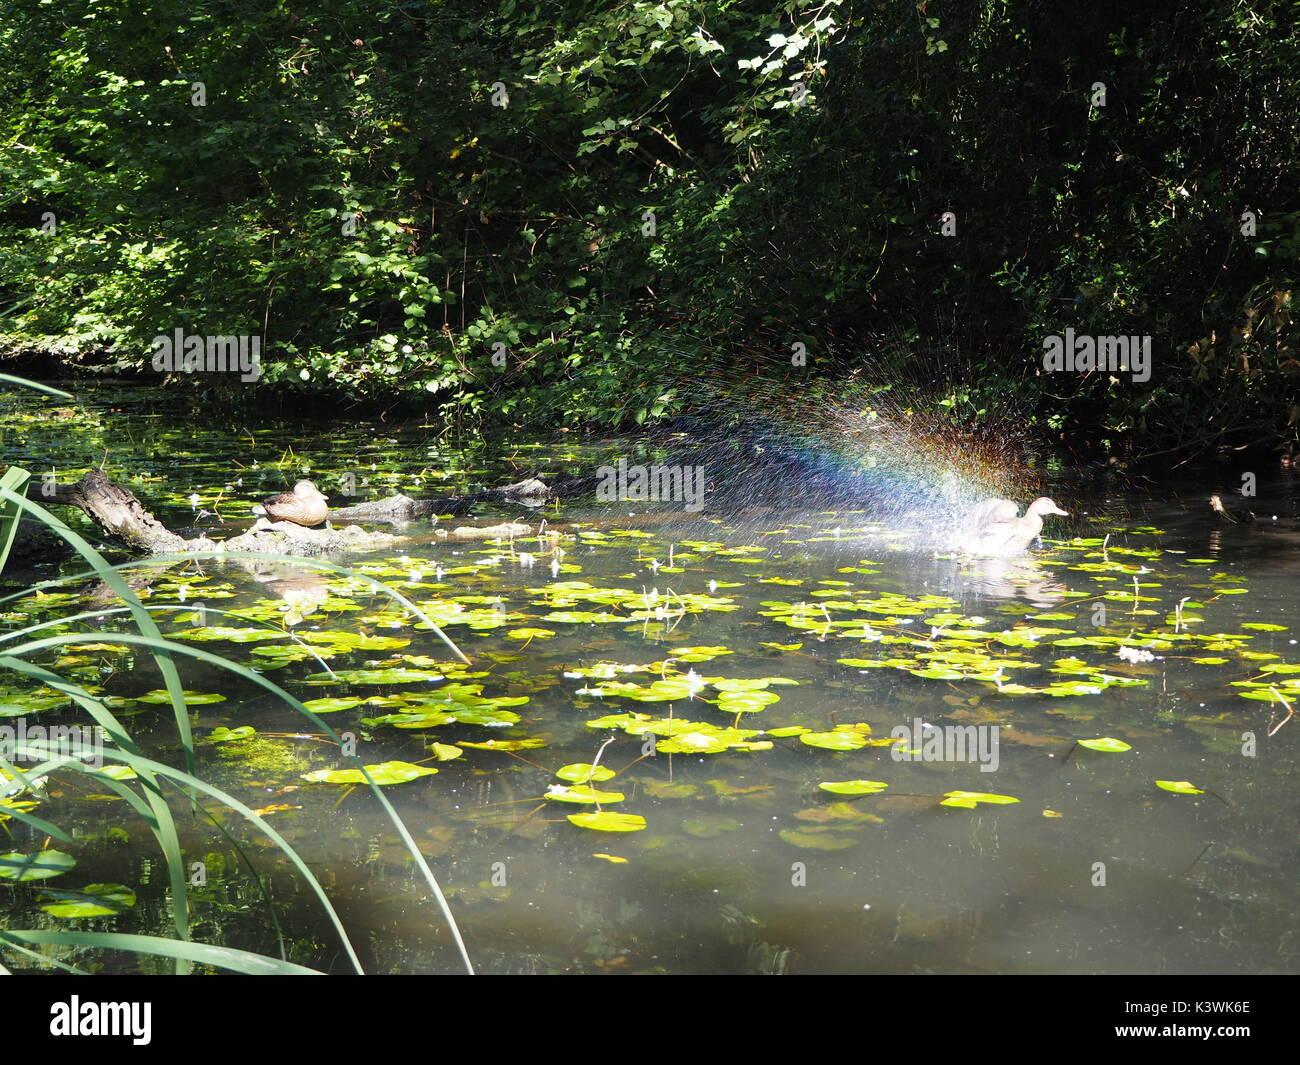 Duck in water splashing rainbow - Stock Image